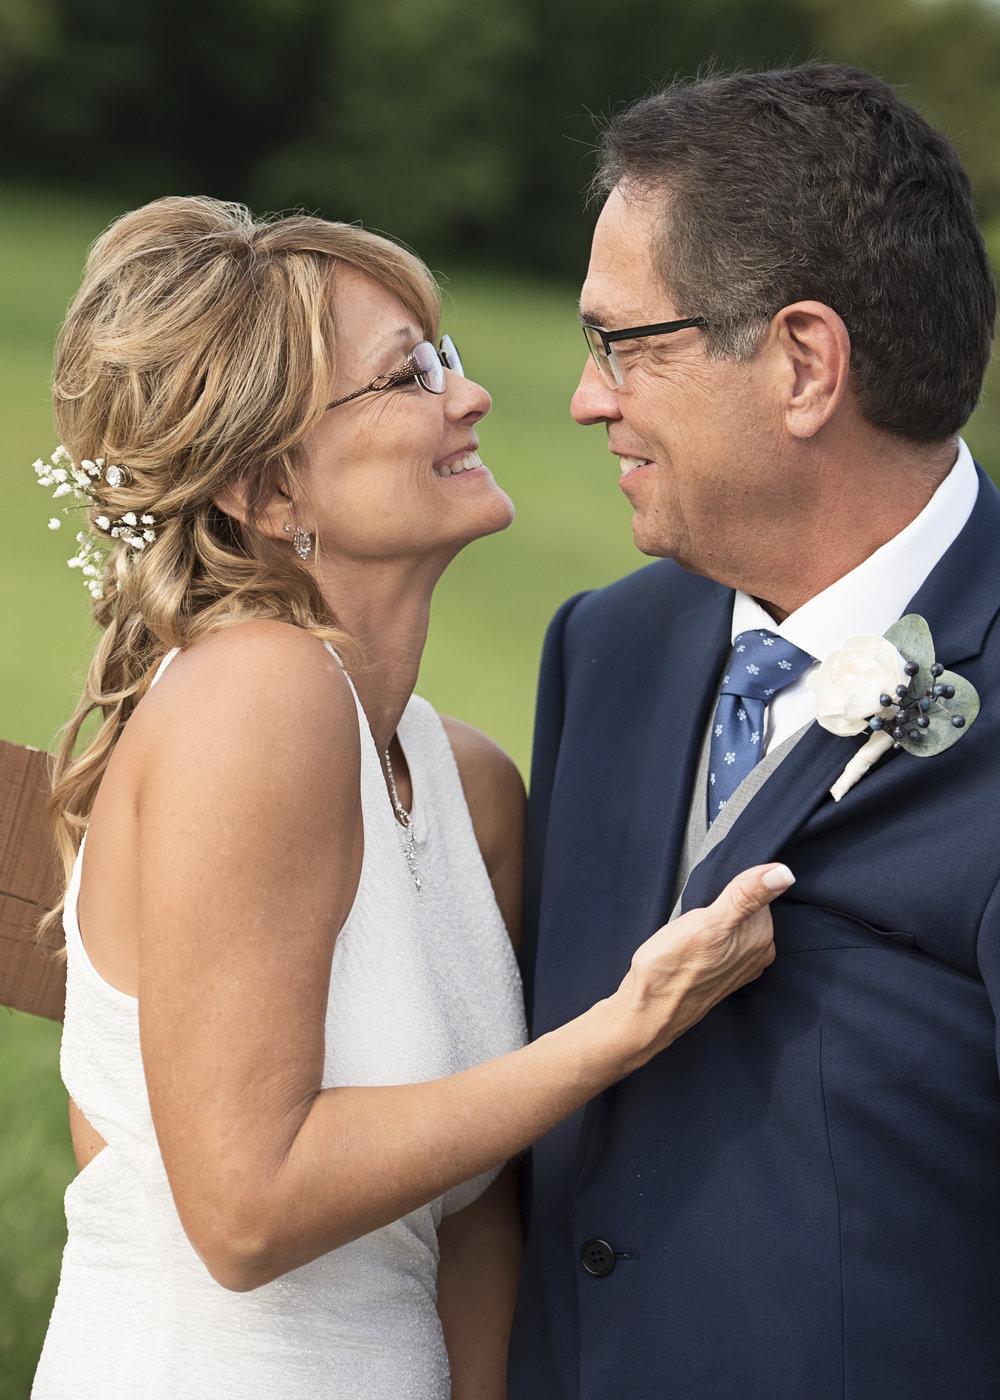 Ruthie+Wayne_Wedding_Sneak_Peek_31.jpg